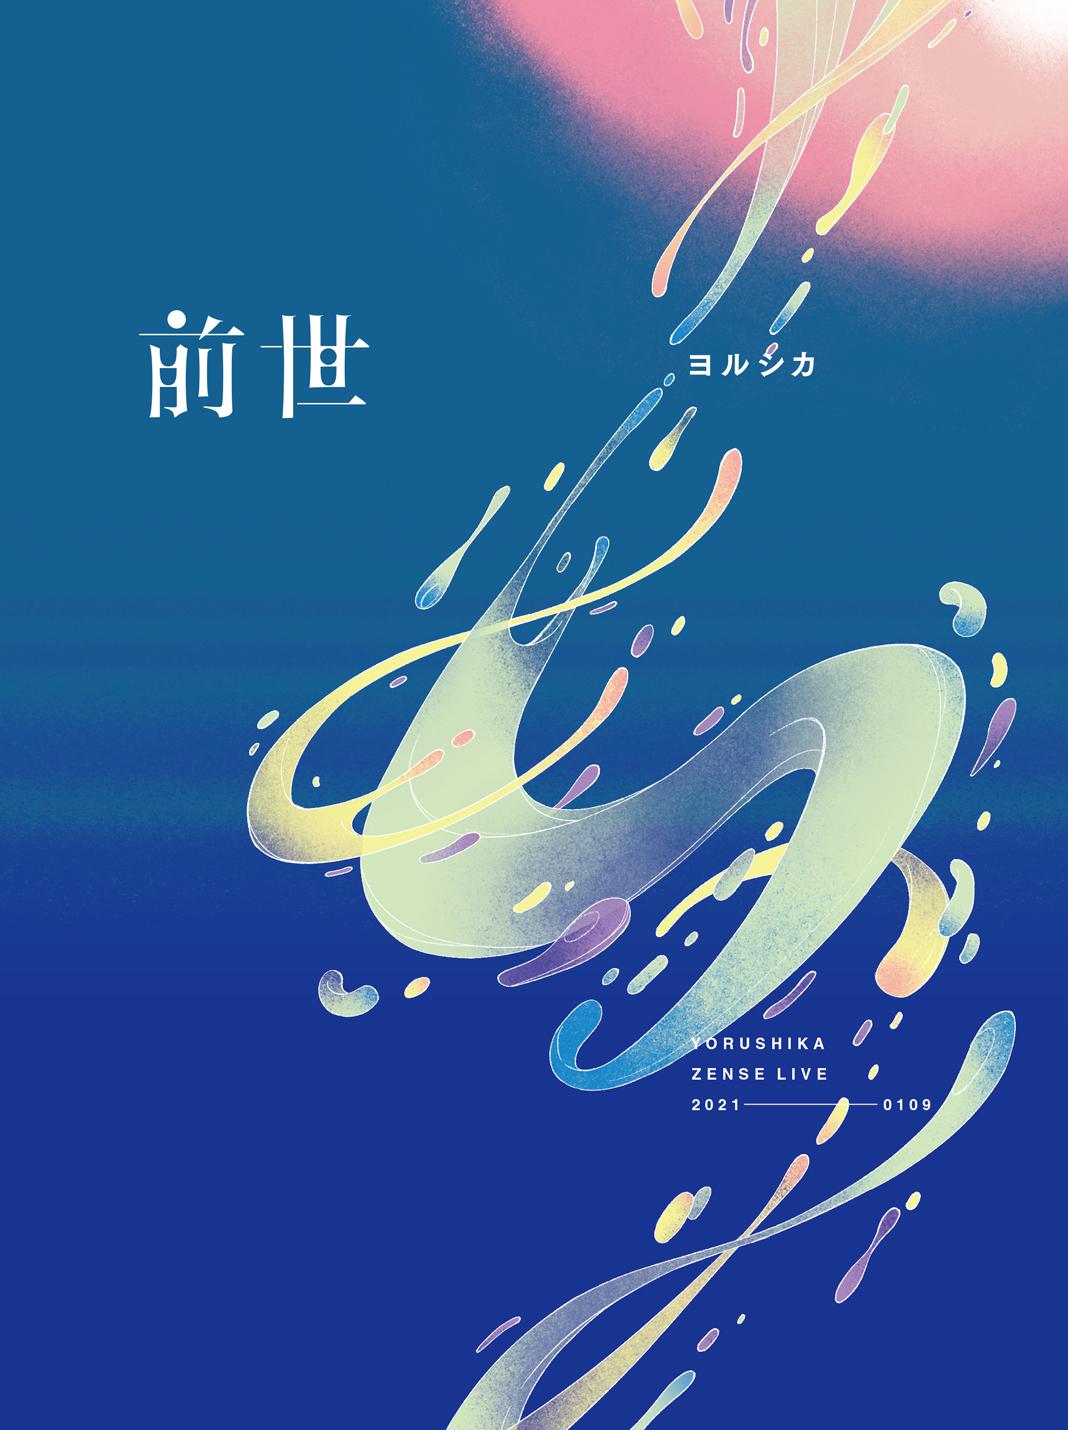 【DVD&Blu-ray】Live DVD&Blu-ray「前世」